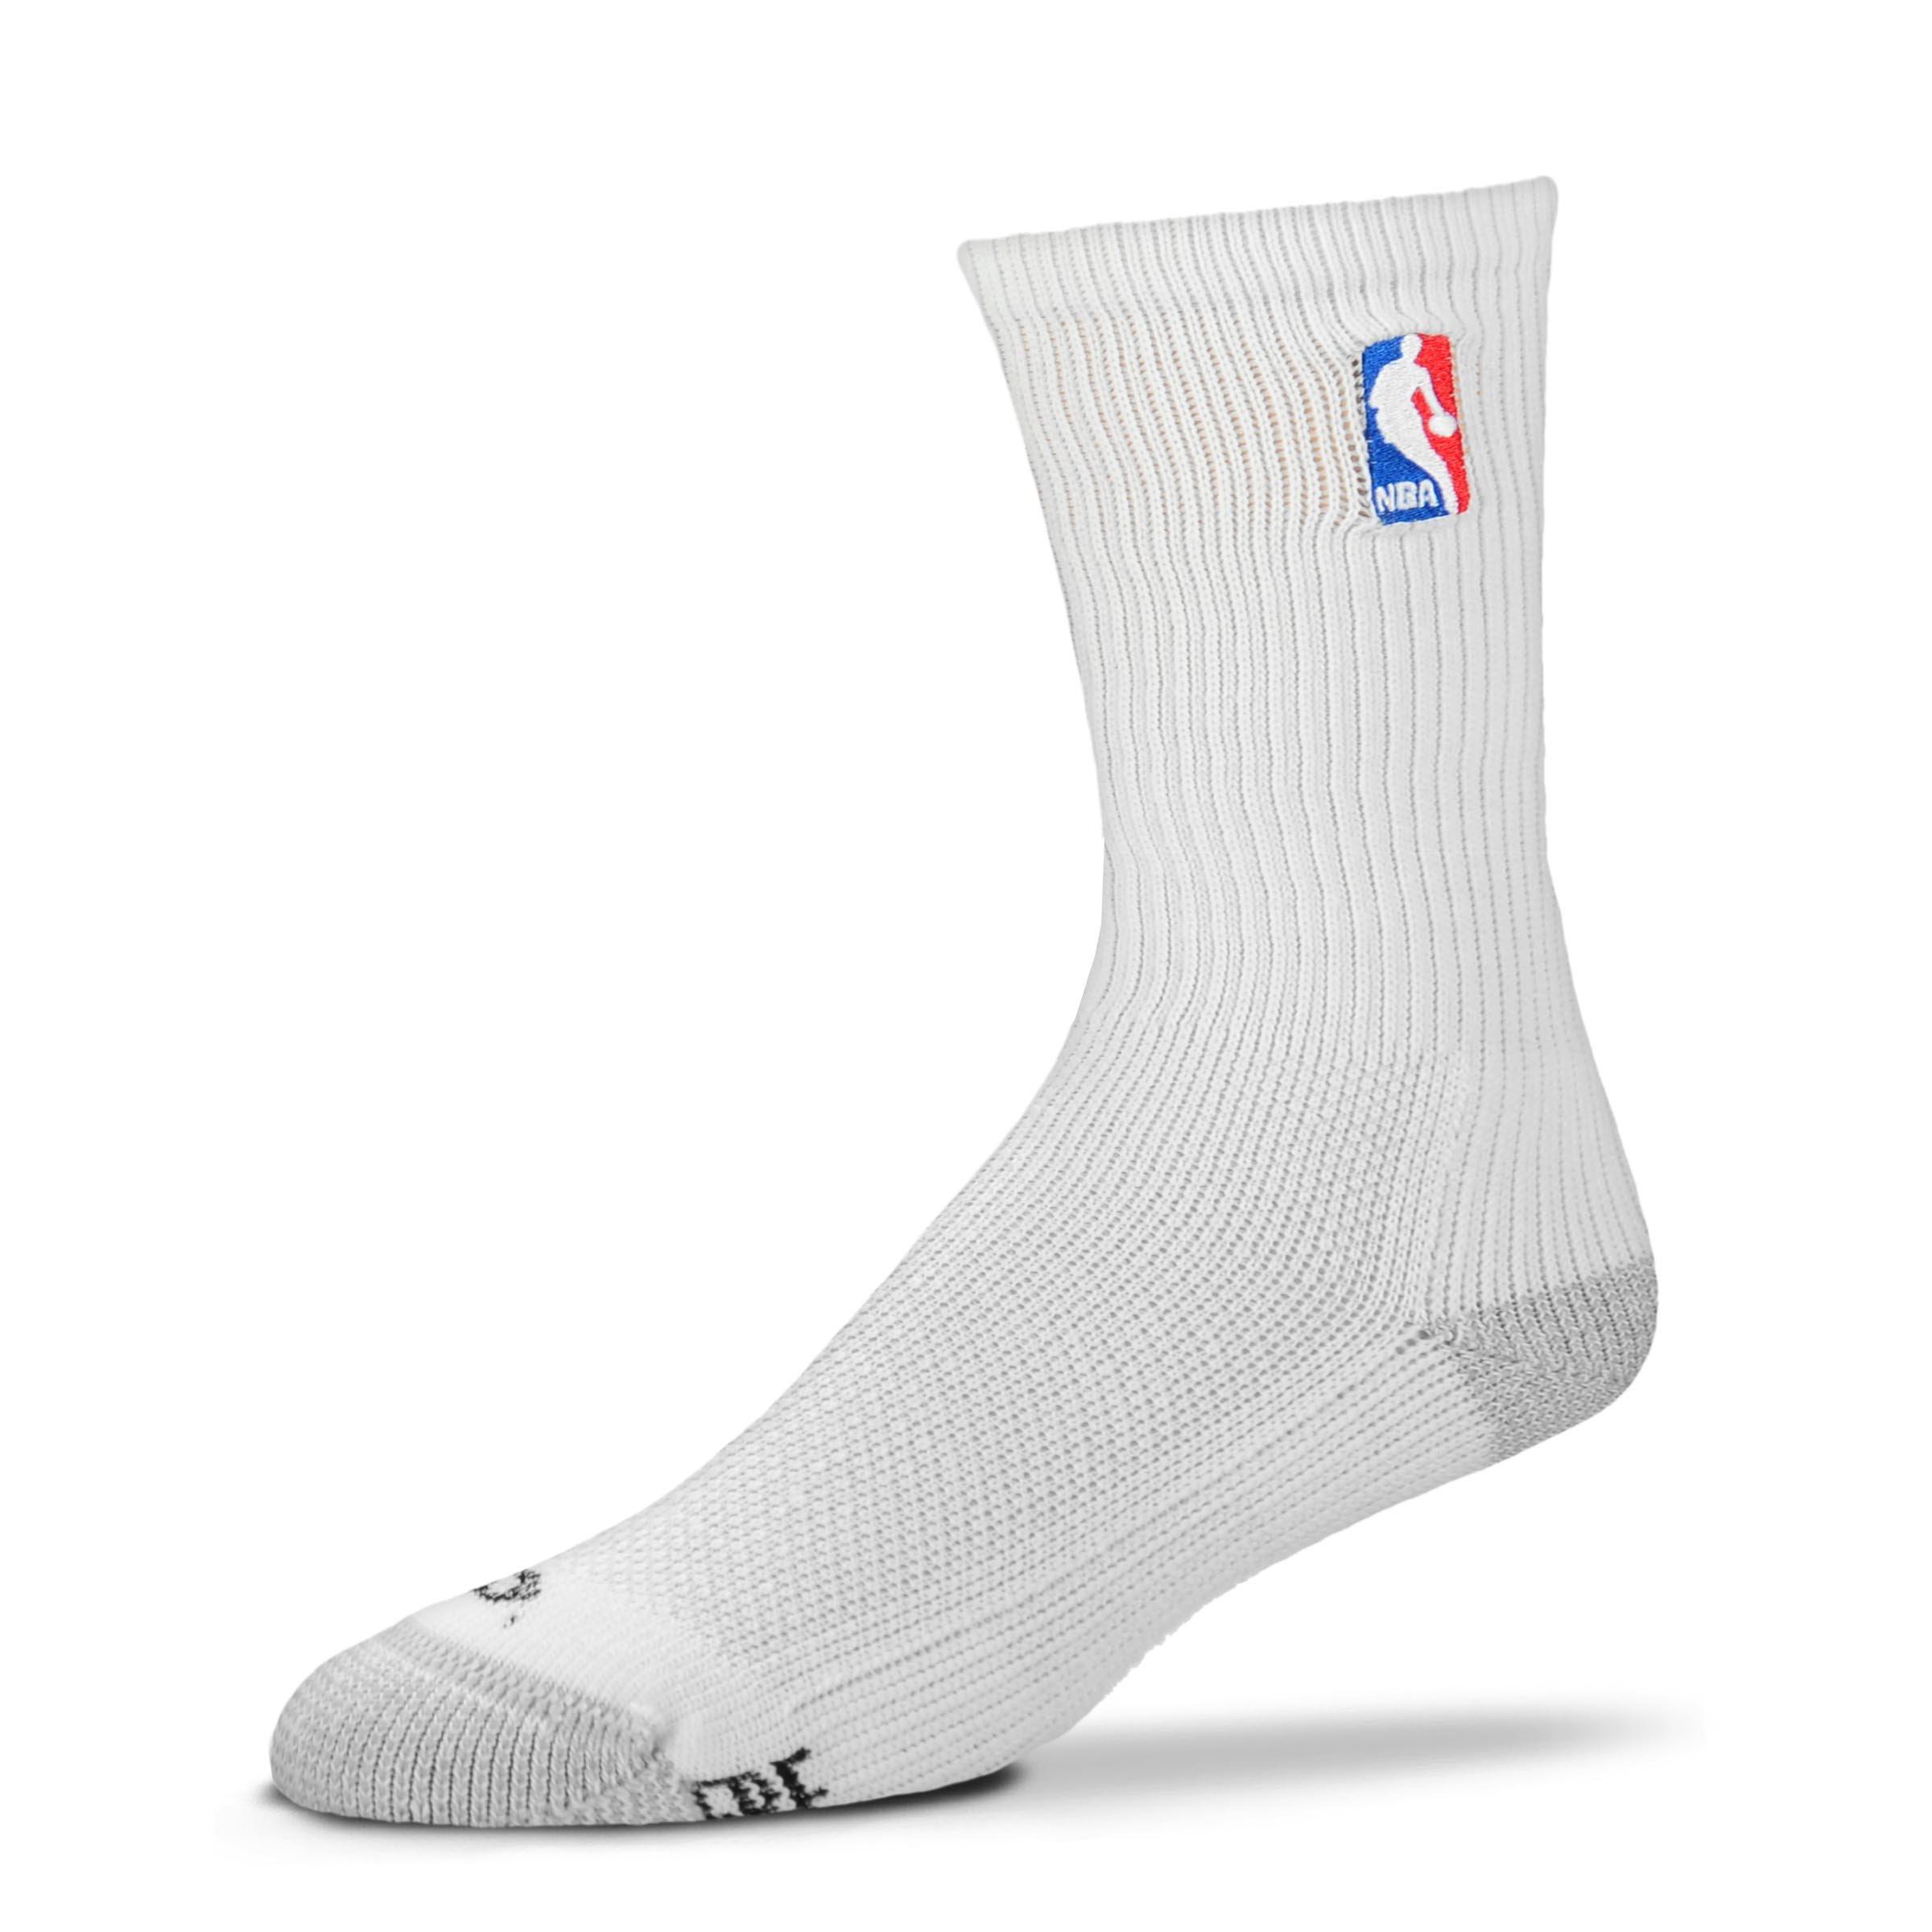 For Bare Feet Official NBA Logoman White Crew Socks Men's Size Medium 5-10